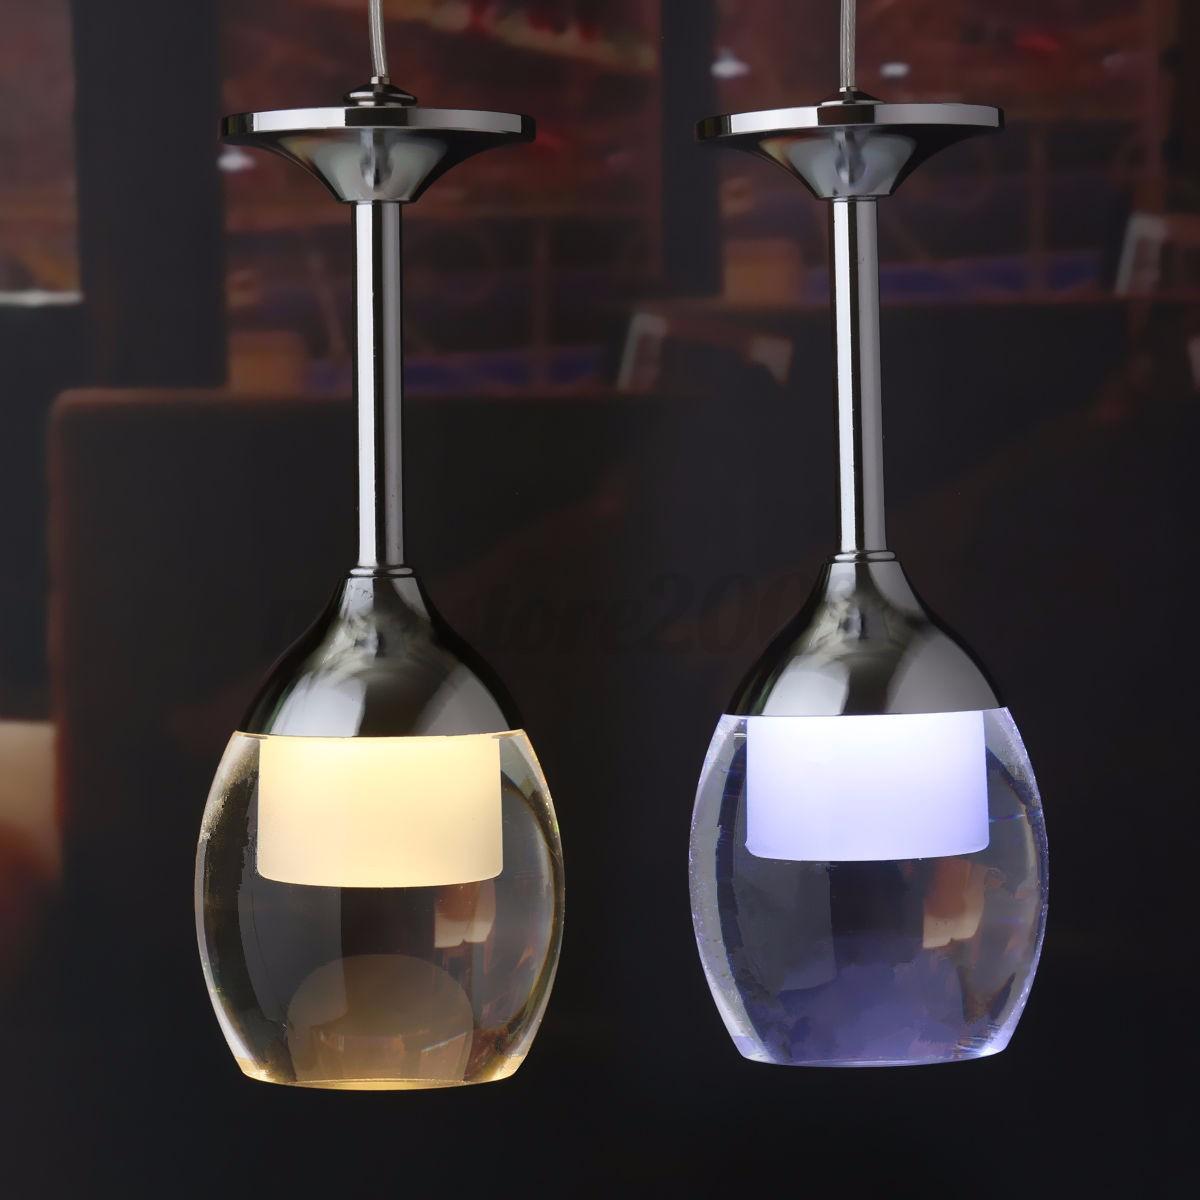 Modern Led Wine Glass Ceiling Light Pendant Lamp Fixture